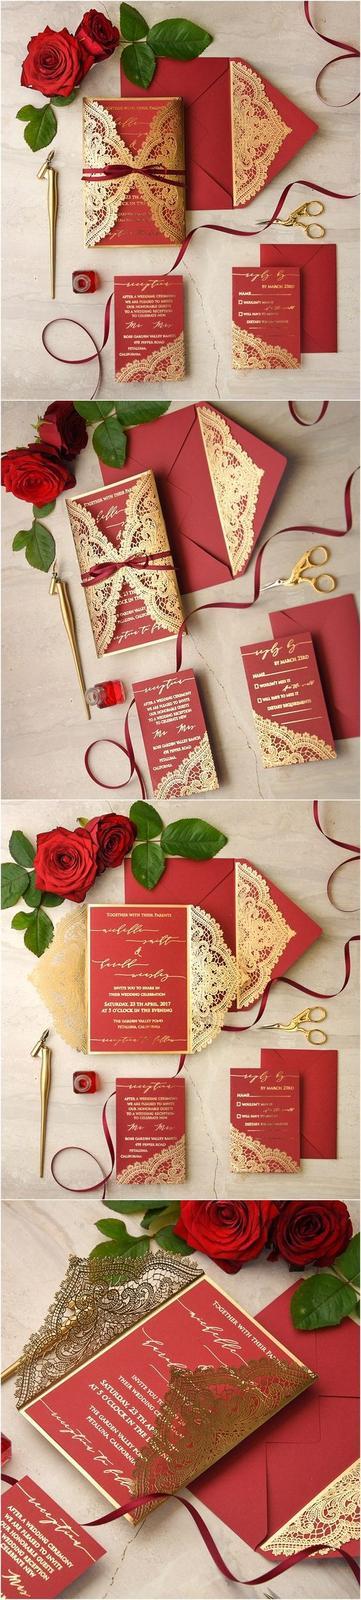 Když má svatba červenou! - Obrázek č. 31